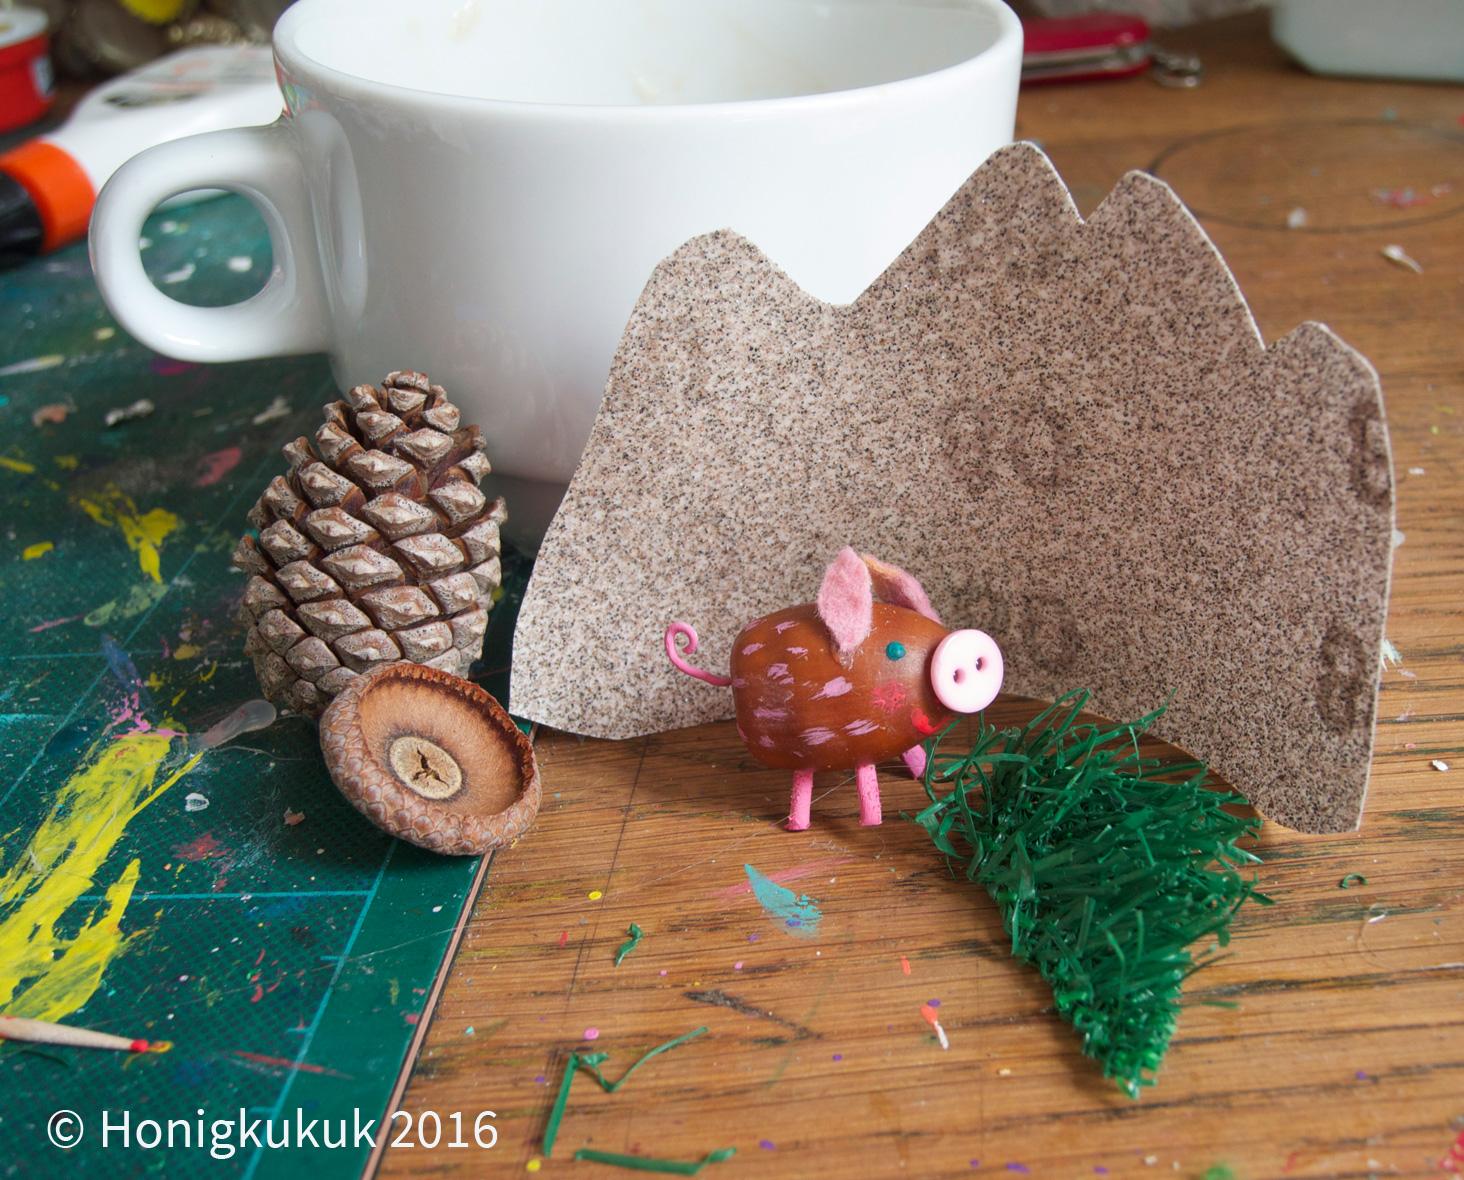 Stillebn mit kleinem Schweinchen